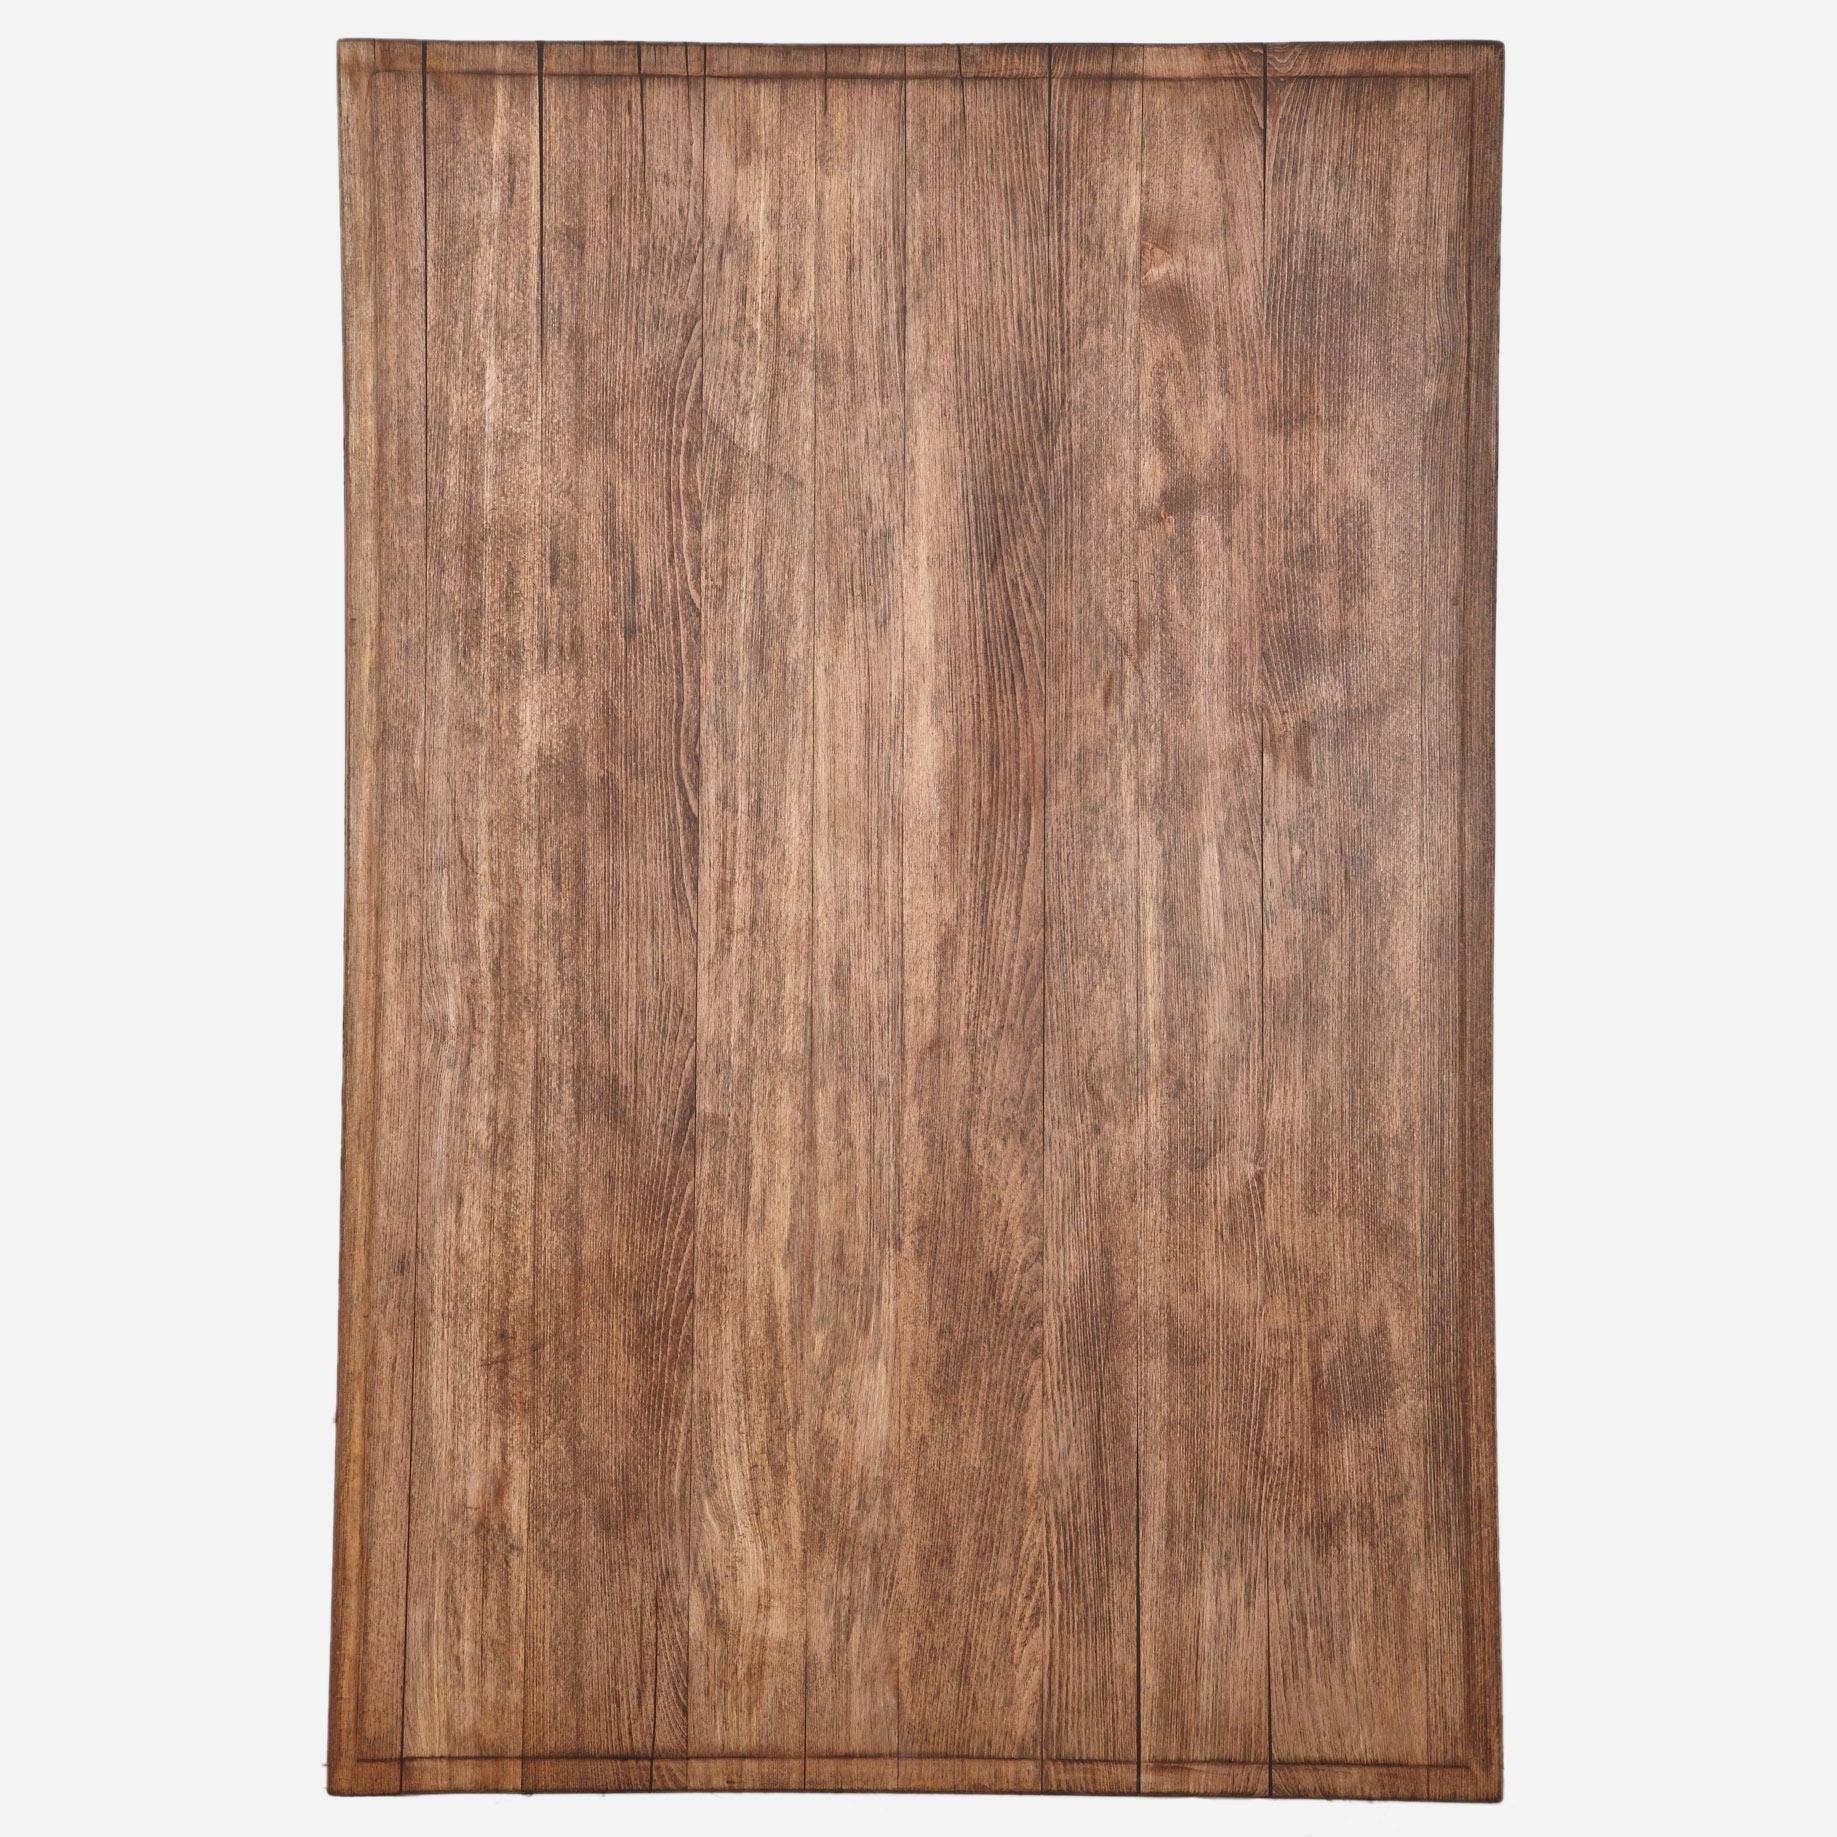 buchenholzplatte mit profilkante geschliffen und ge lt. Black Bedroom Furniture Sets. Home Design Ideas